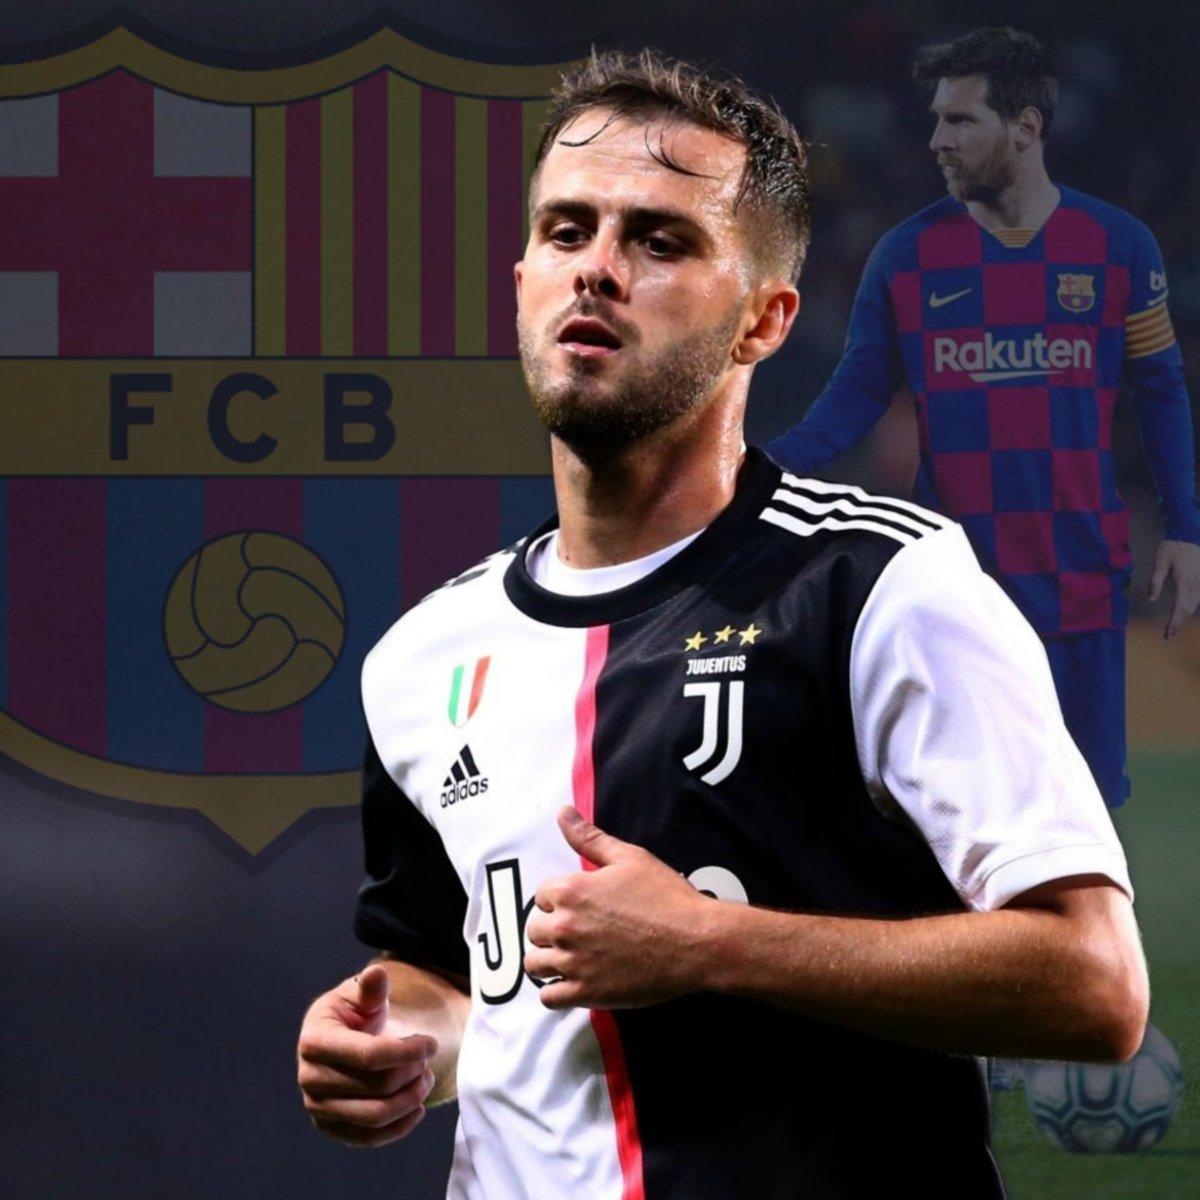 OFICIAL. Miralem Pjanic es nuevo jugador del FC Barcelona. Traspaso definitivo. Los culés reportaron la operación como una compra de 60 millones de euros + 5 millones en variables. Contrato hasta 2024. Cláusula de rescisión de 400 millones. Se sumará a partir del curso 2020/21.